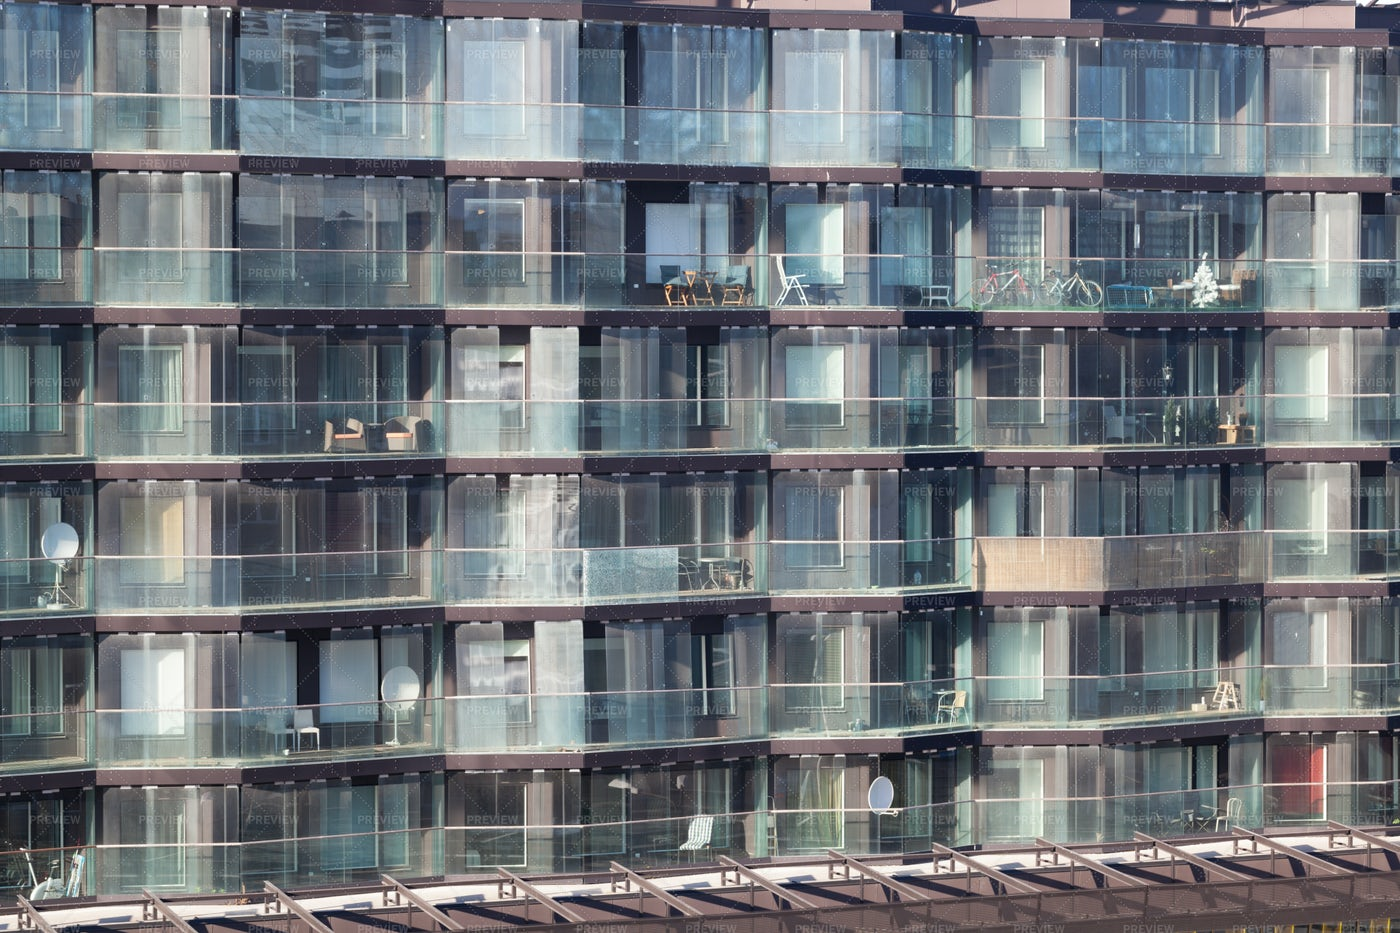 Modern Apartment Block: Stock Photos